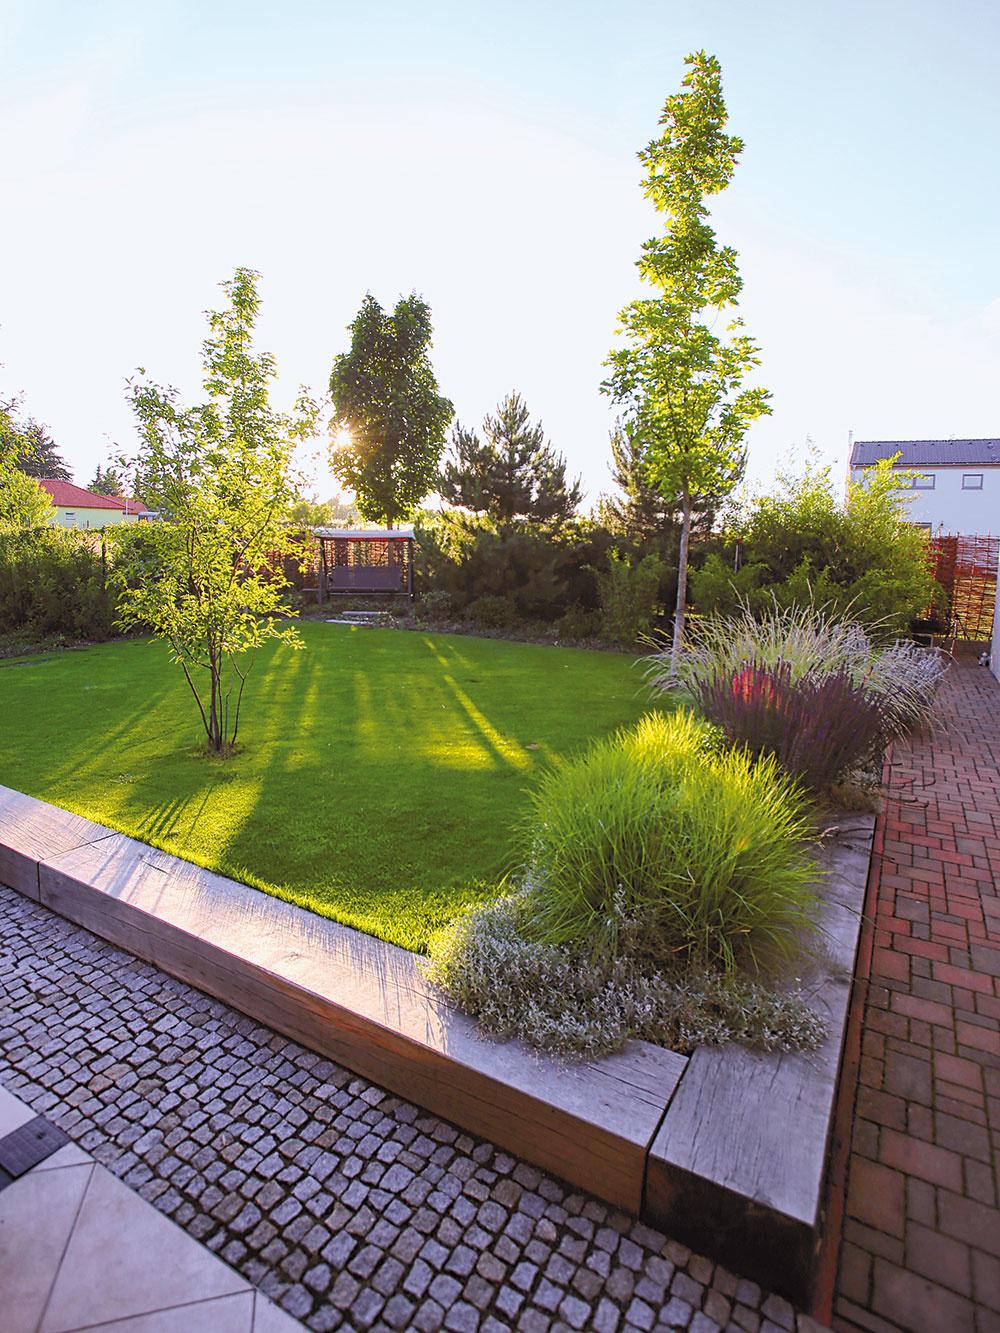 V rámci revitalizácie vzniklo v záhrade viacero terás, resp. poschodí. Hlavná trávnatá plocha je napríklad vyvýšená a oddelená od spevnených plôch masívnymi drevenými trámami, ktoré poslúžia aj na sedenie.